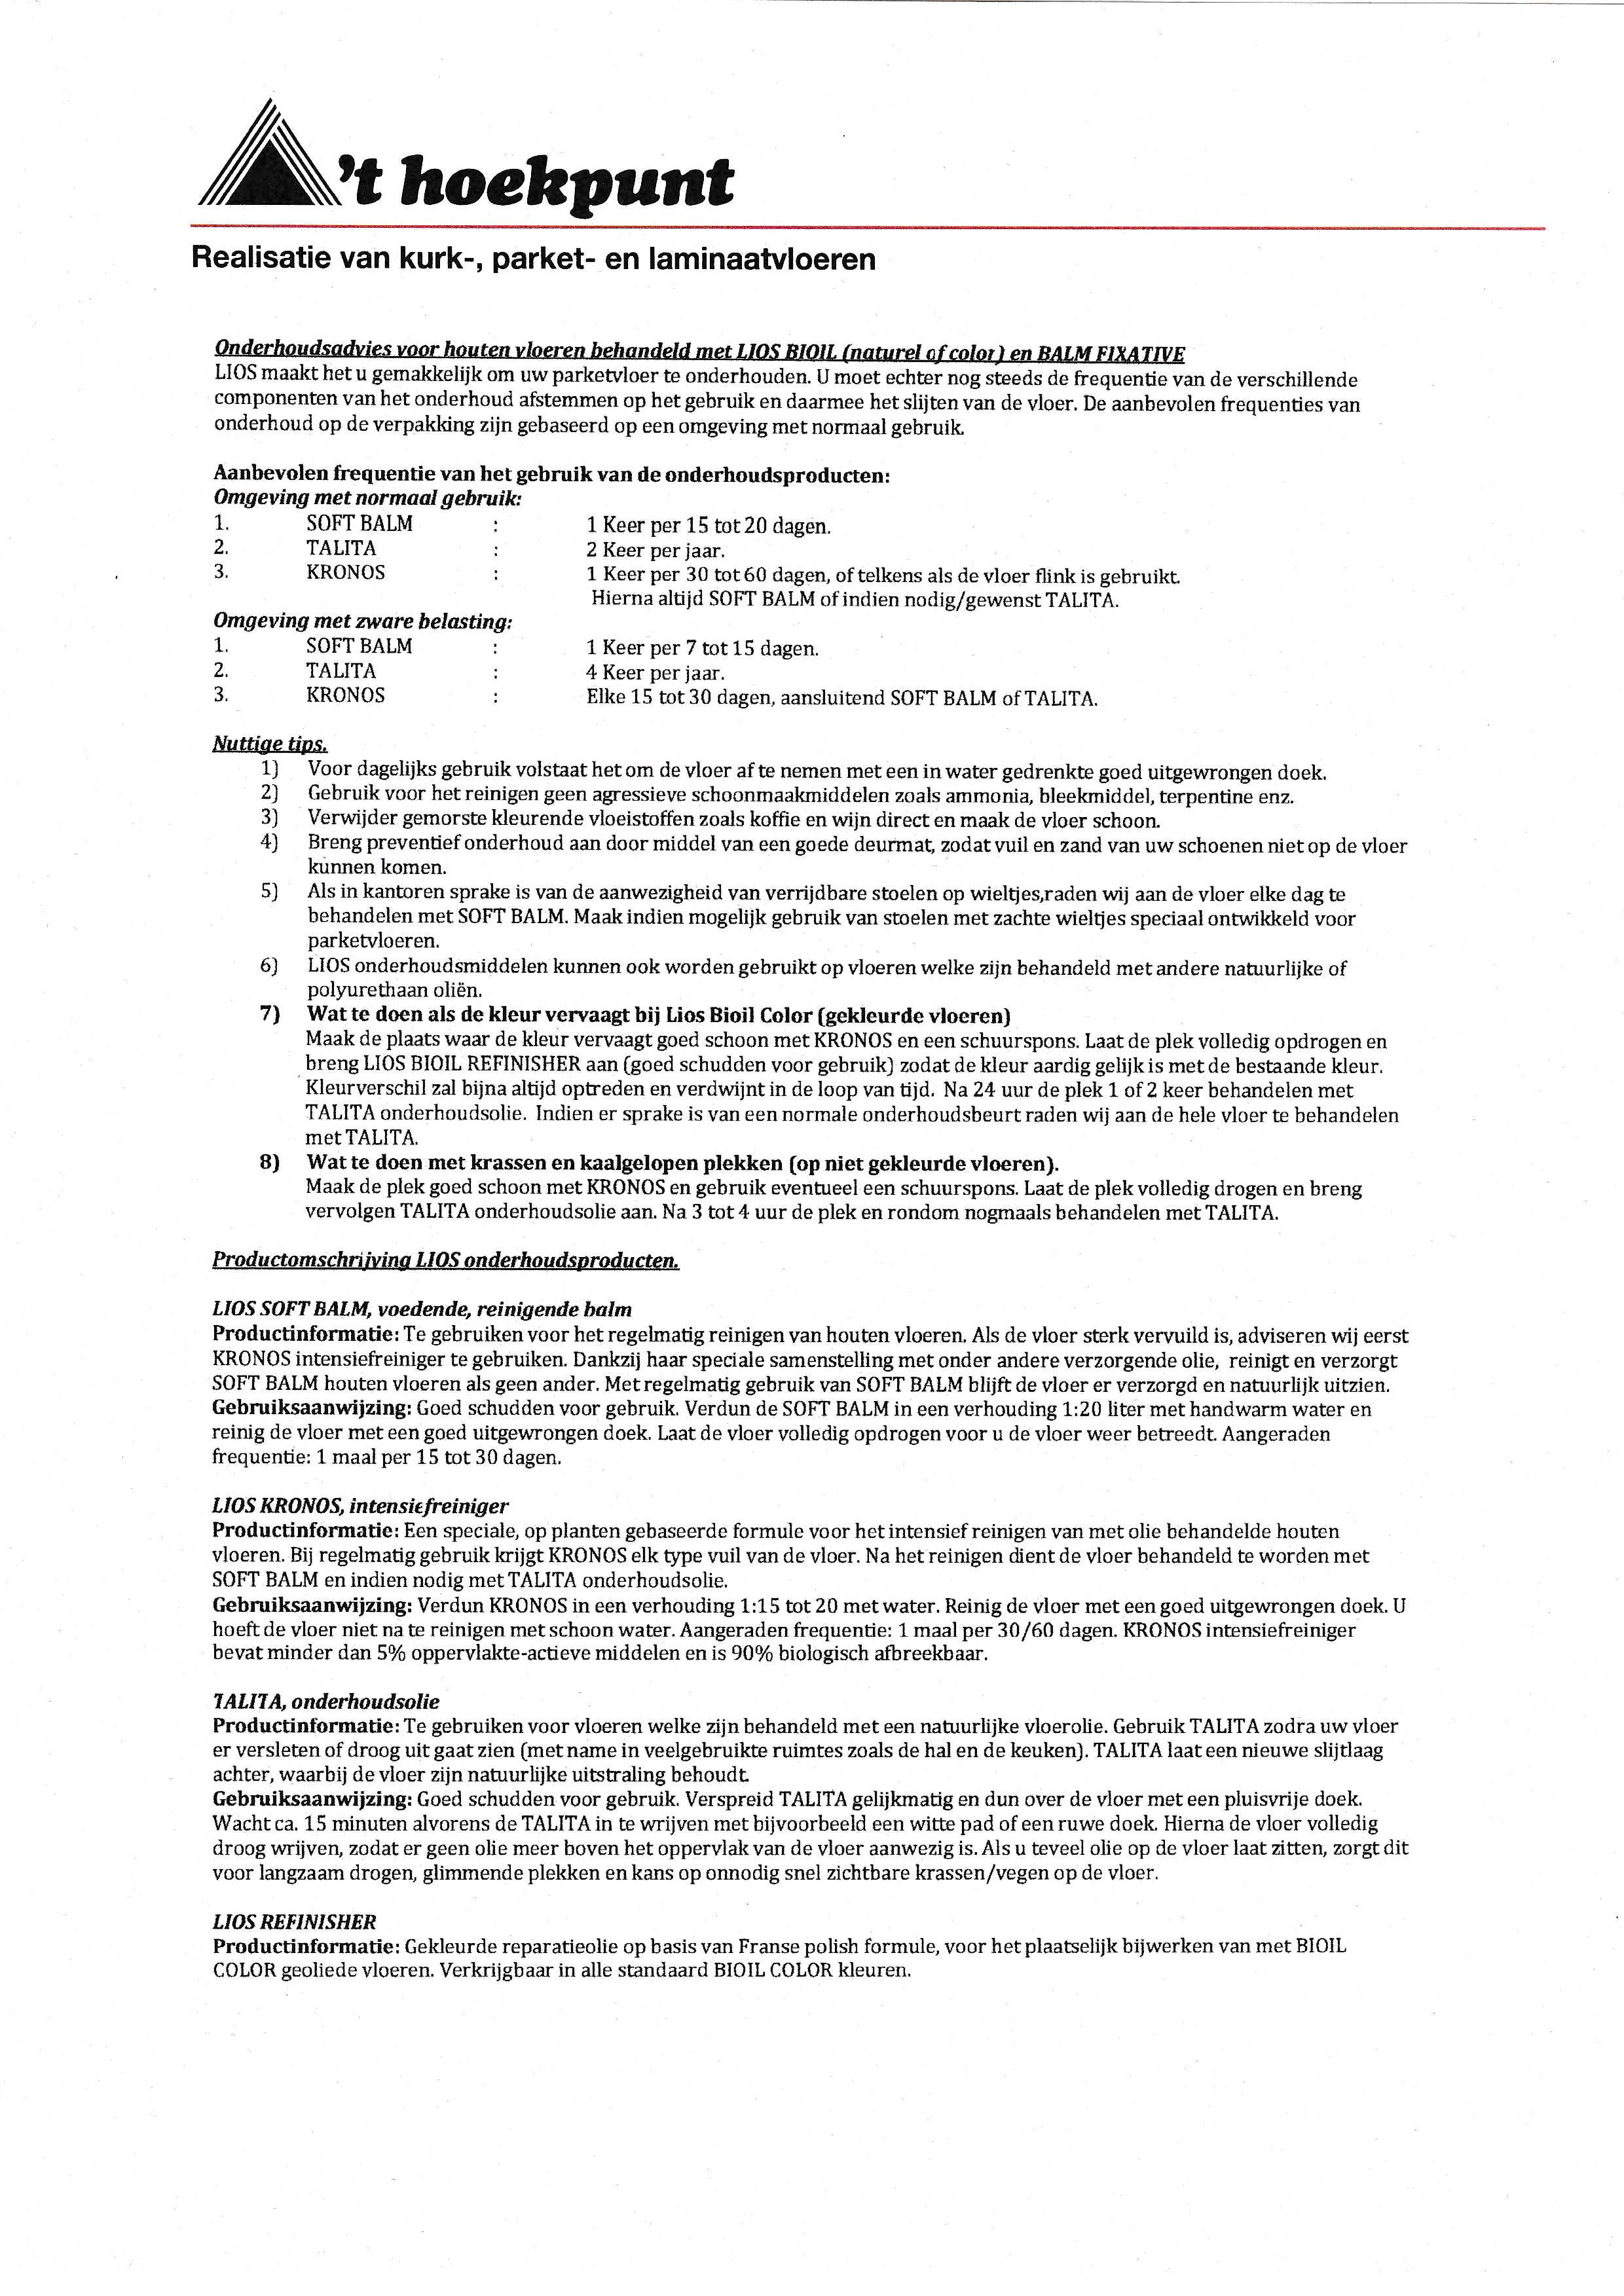 Lios-Bioil-behandelde-parketvloeren-onderhoudsadvies-